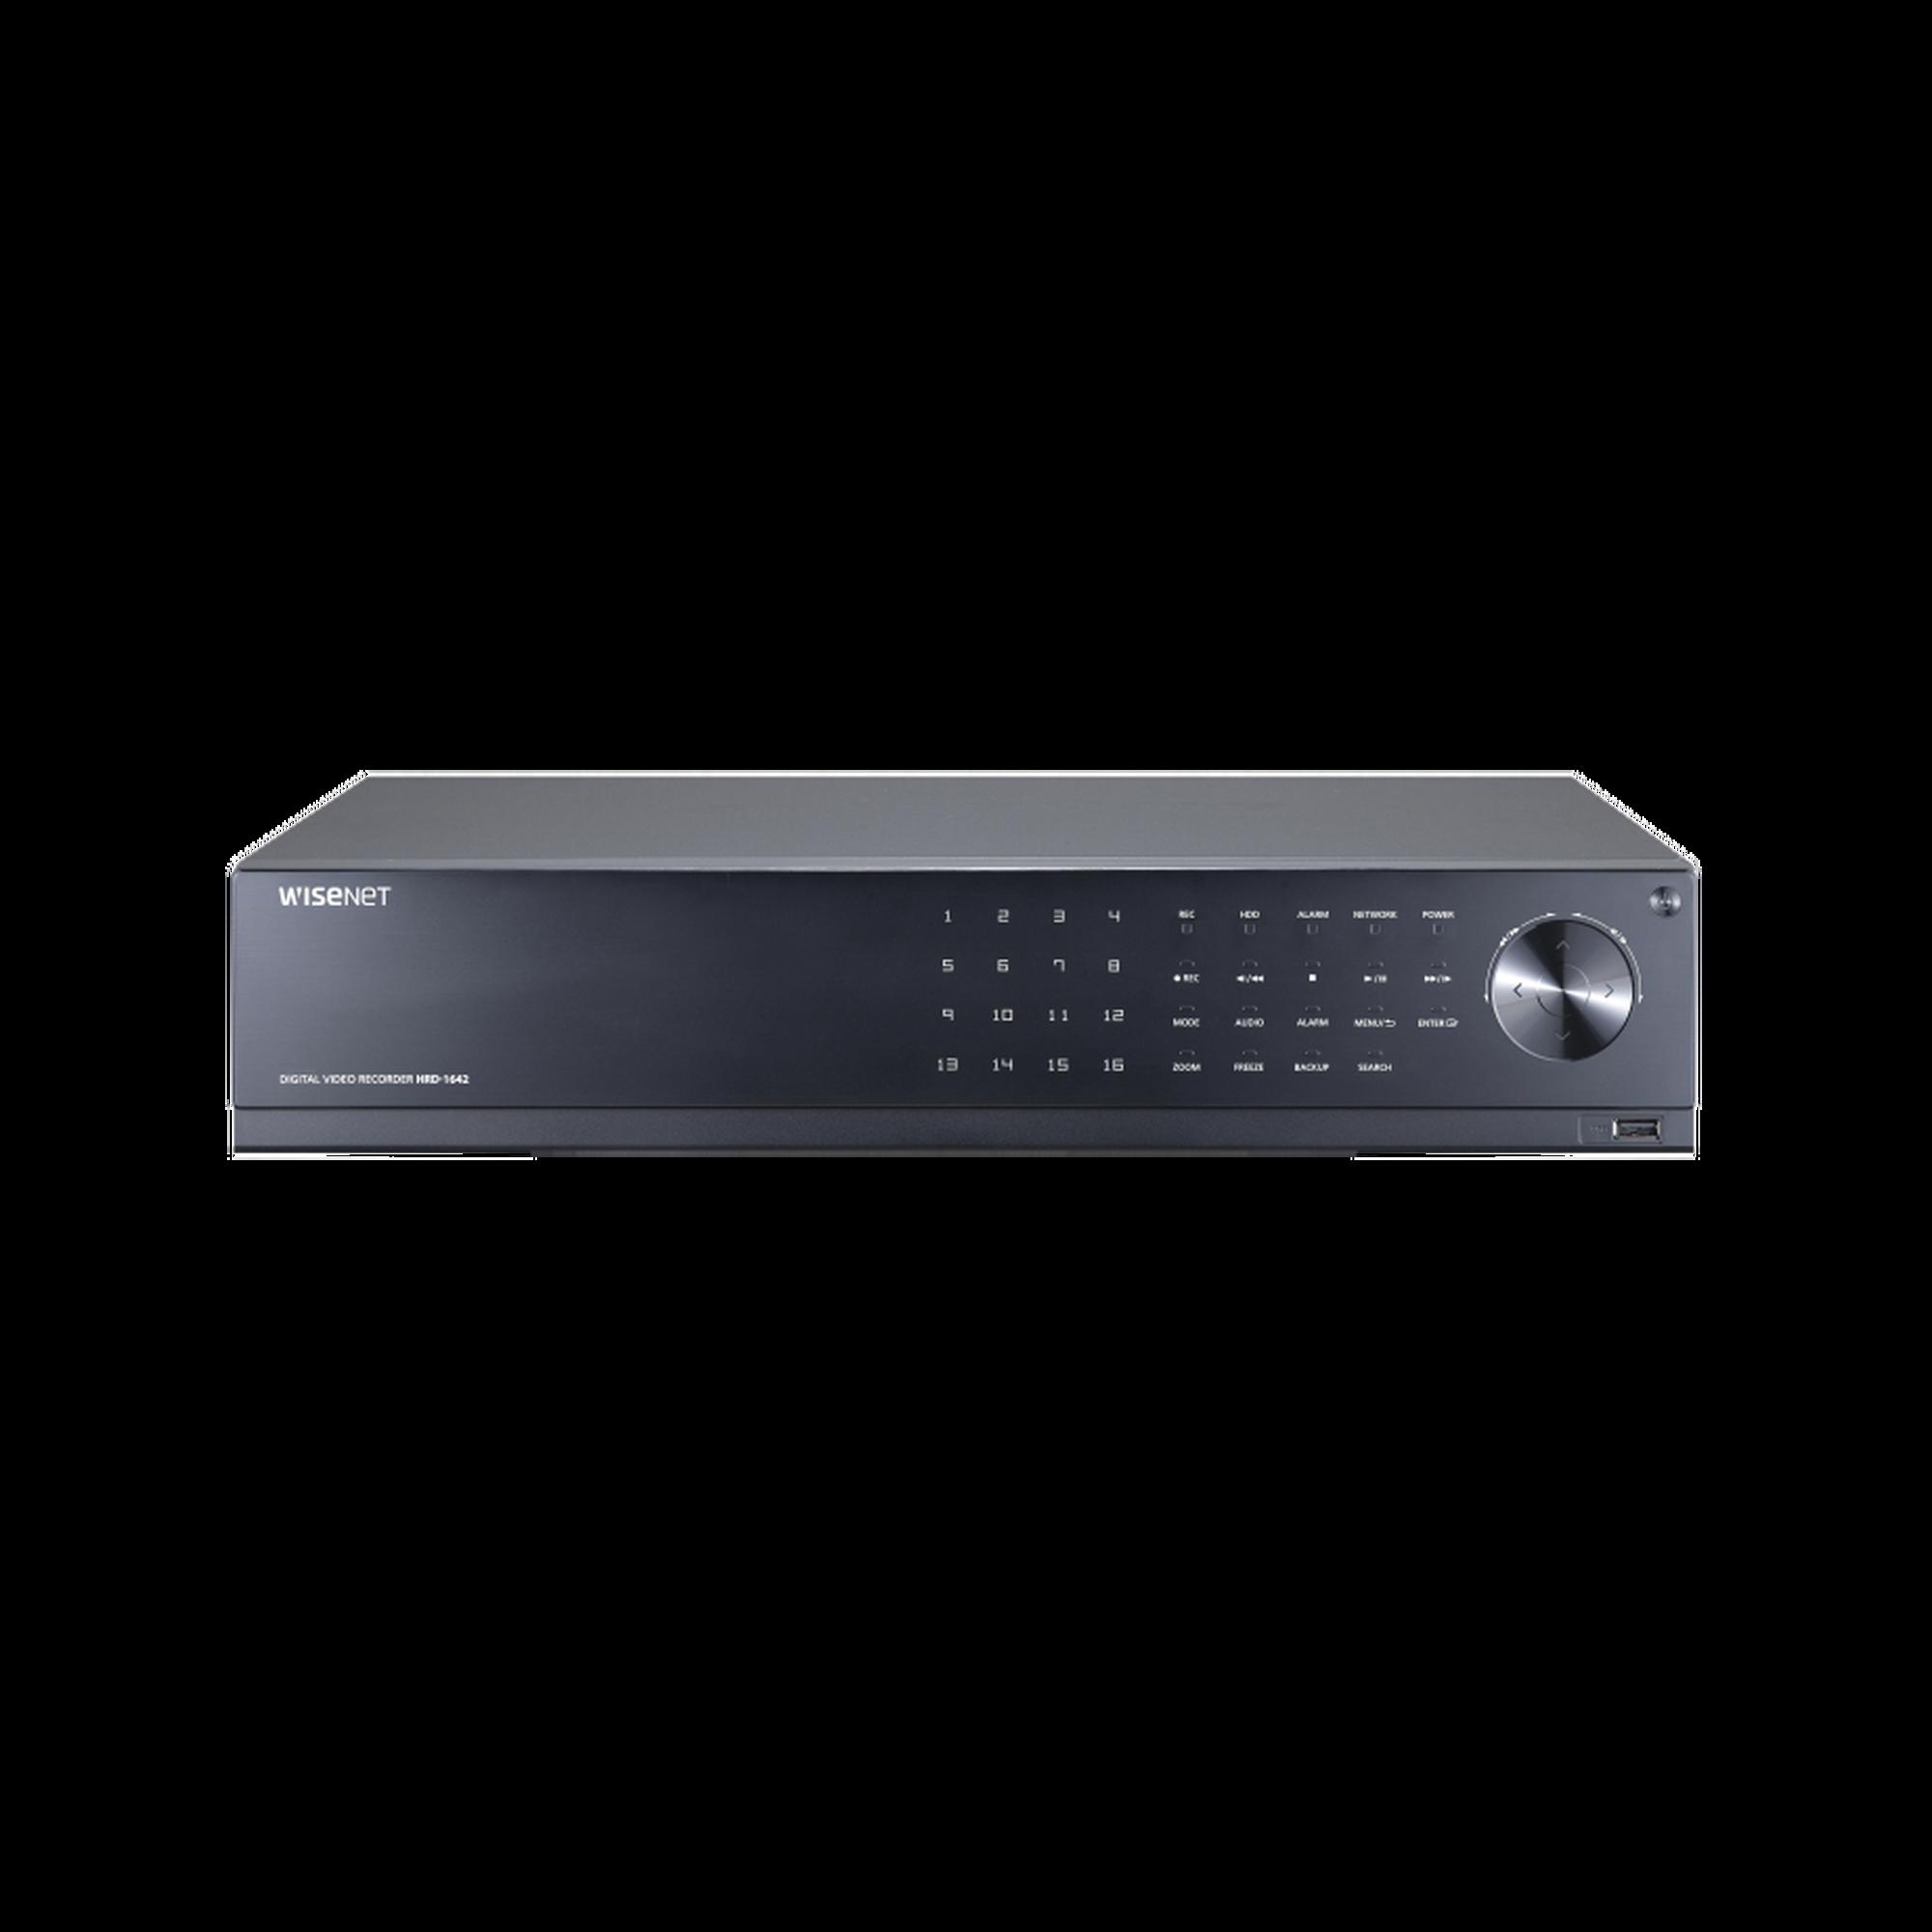 DVR 16 Canales hasta 4 Megapixel / Soporta 4 Tecnologías (AHD, TVI, CVI, CVBS) / Hasta 8 HDDs / Entradas y Salidas de Audio y Alarma / Incluye 8TB